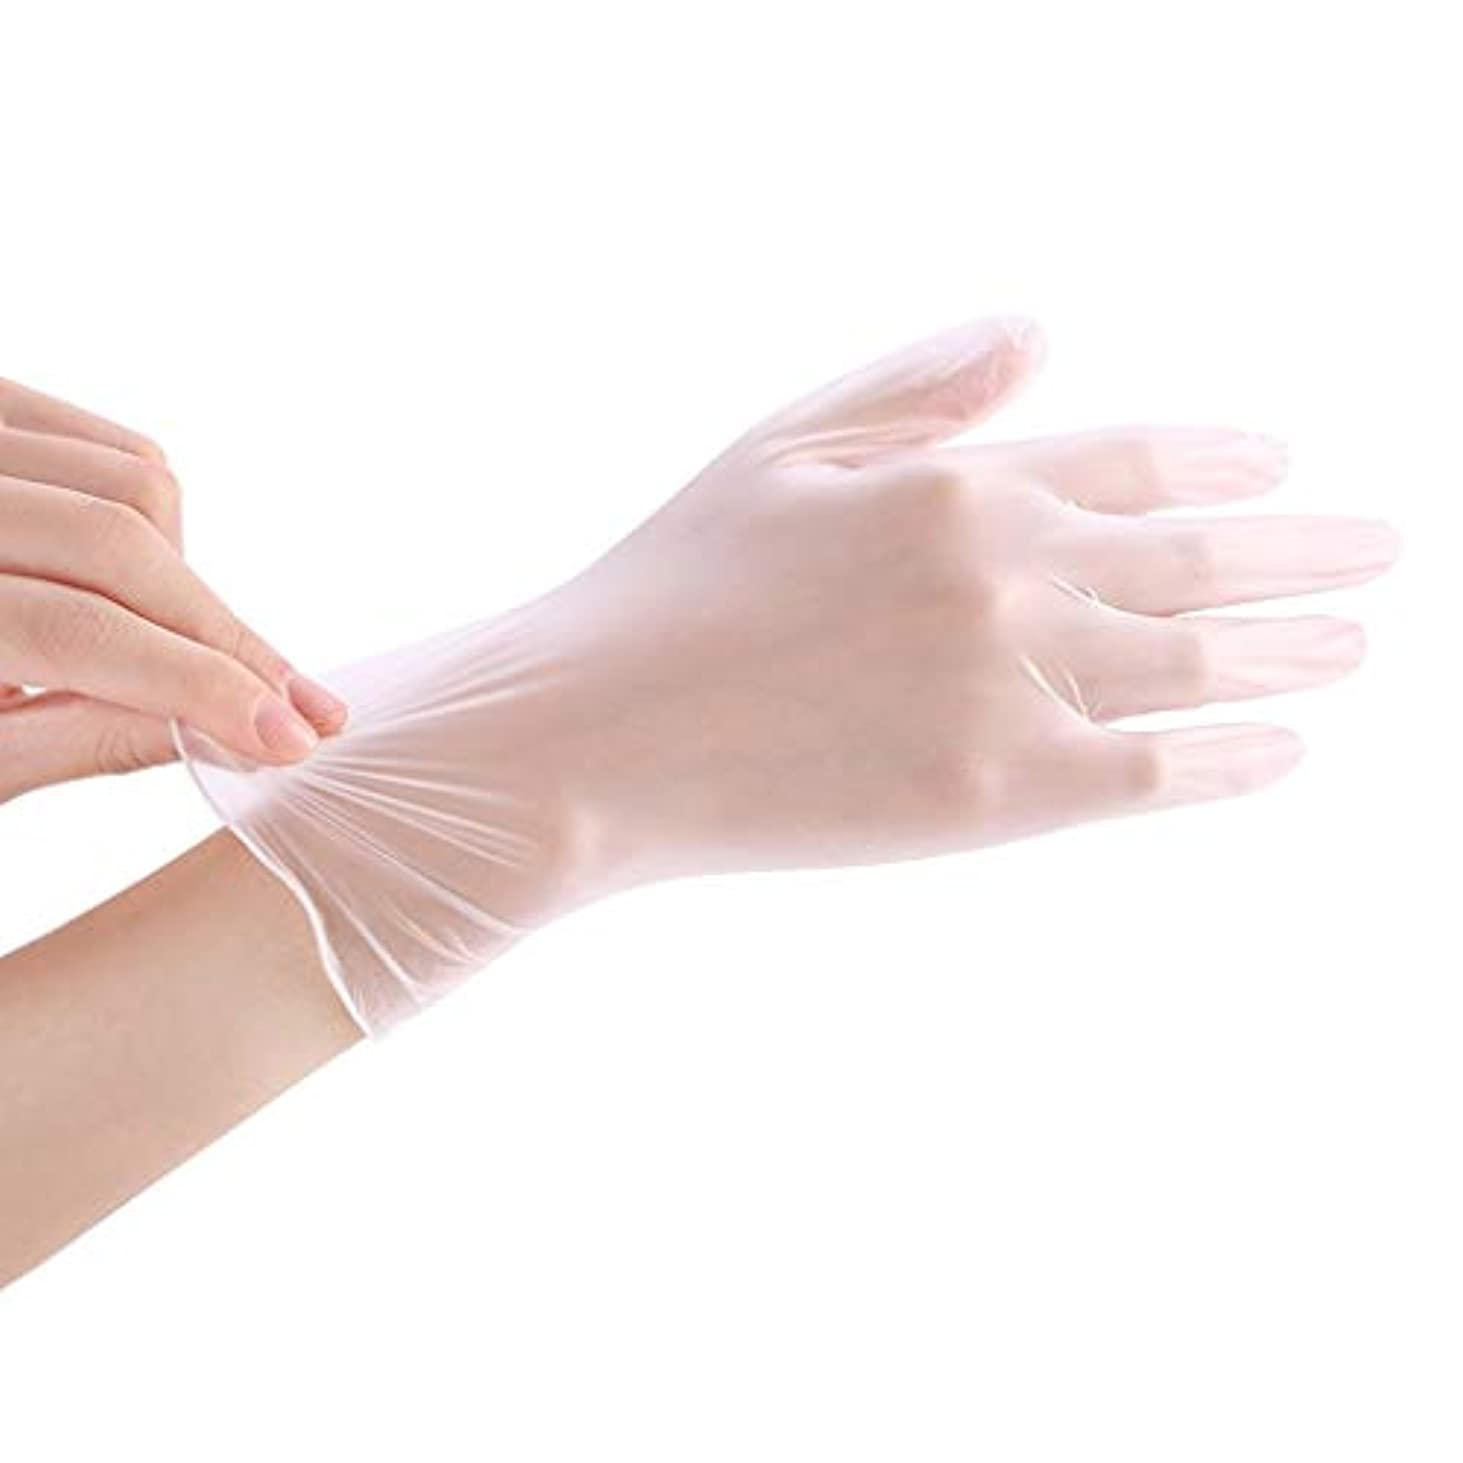 レッドデート装備する列挙する使い捨て透明食品ケータリンググレードPVC手袋美容キッチンベーキングフィルム手袋200 YANW (色 : トランスペアレント, サイズ さいず : L l)